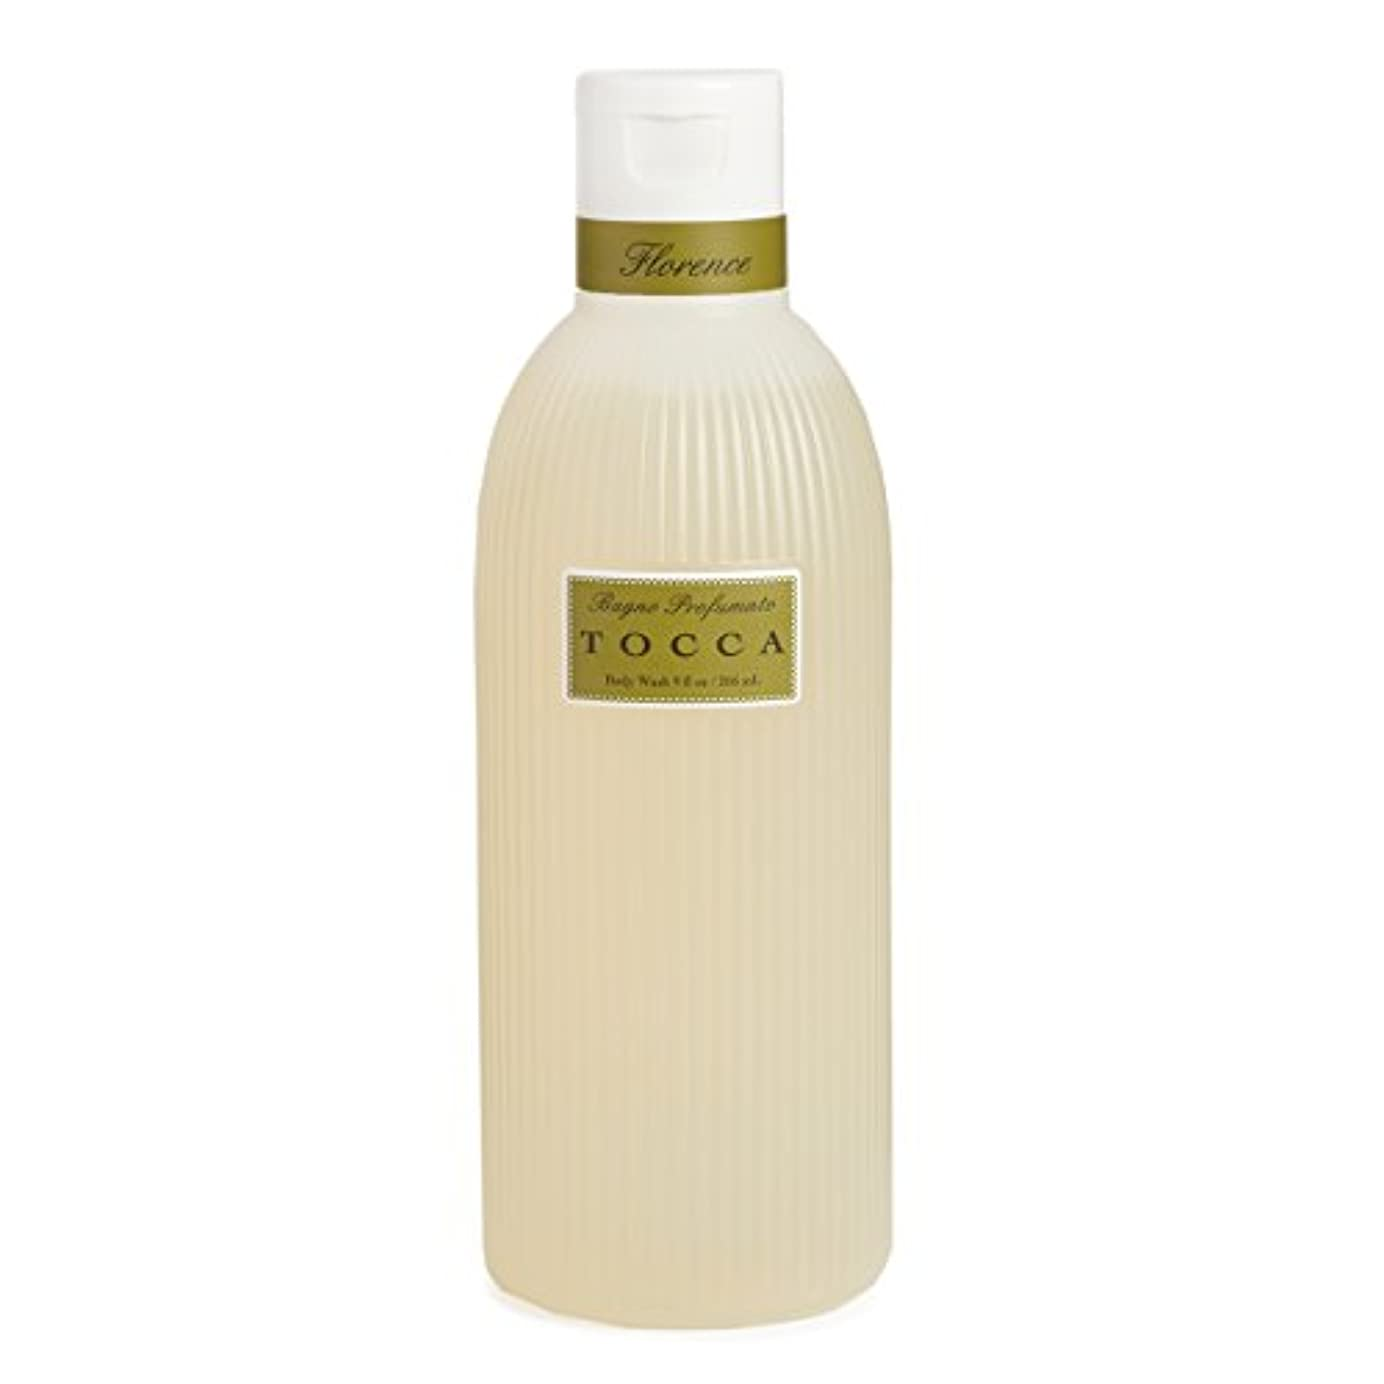 広範囲トロイの木馬実験的トッカ(TOCCA) ボディーケアウォッシュ フローレンスの香り 266ml(全身用洗浄料 ボディーソープ ガーデニアとベルガモットが誘うように溶け合うどこまでも上品なフローラルの香り)